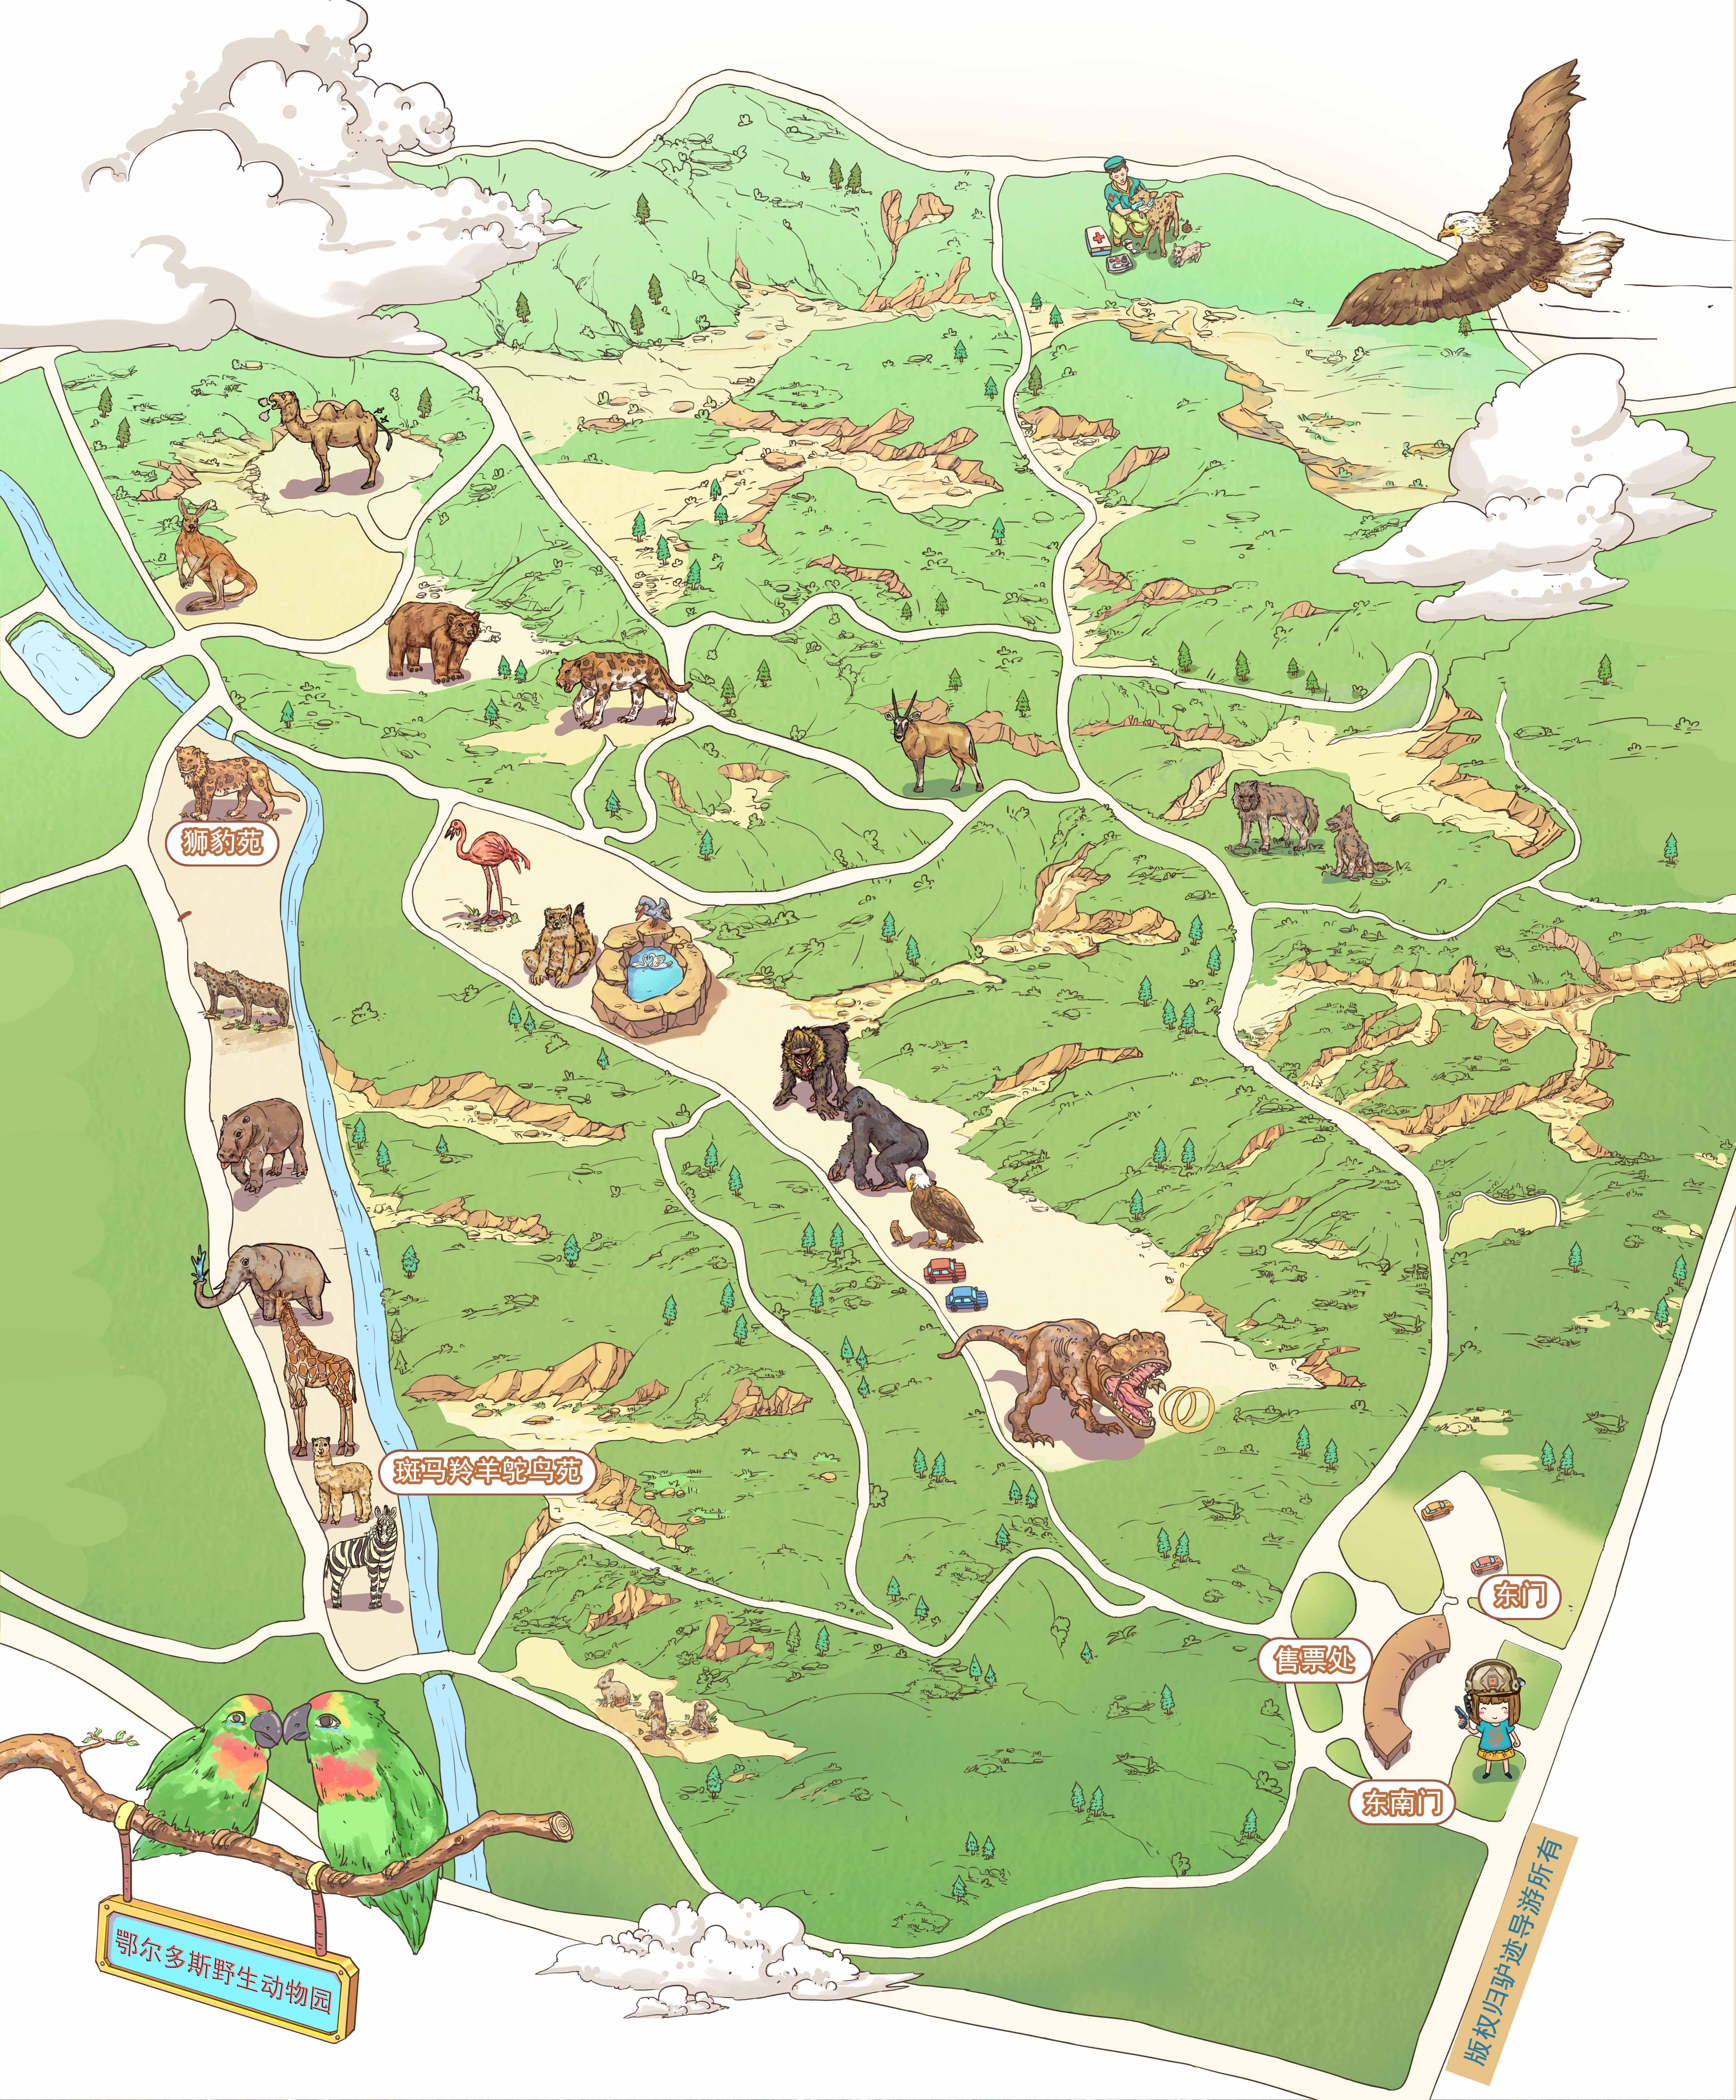 旅游 > 当地玩乐 > 鄂尔多斯 > 鄂尔多斯野生动物园 手机导游【全景地图、园内导航、线路推荐、自动讲解】